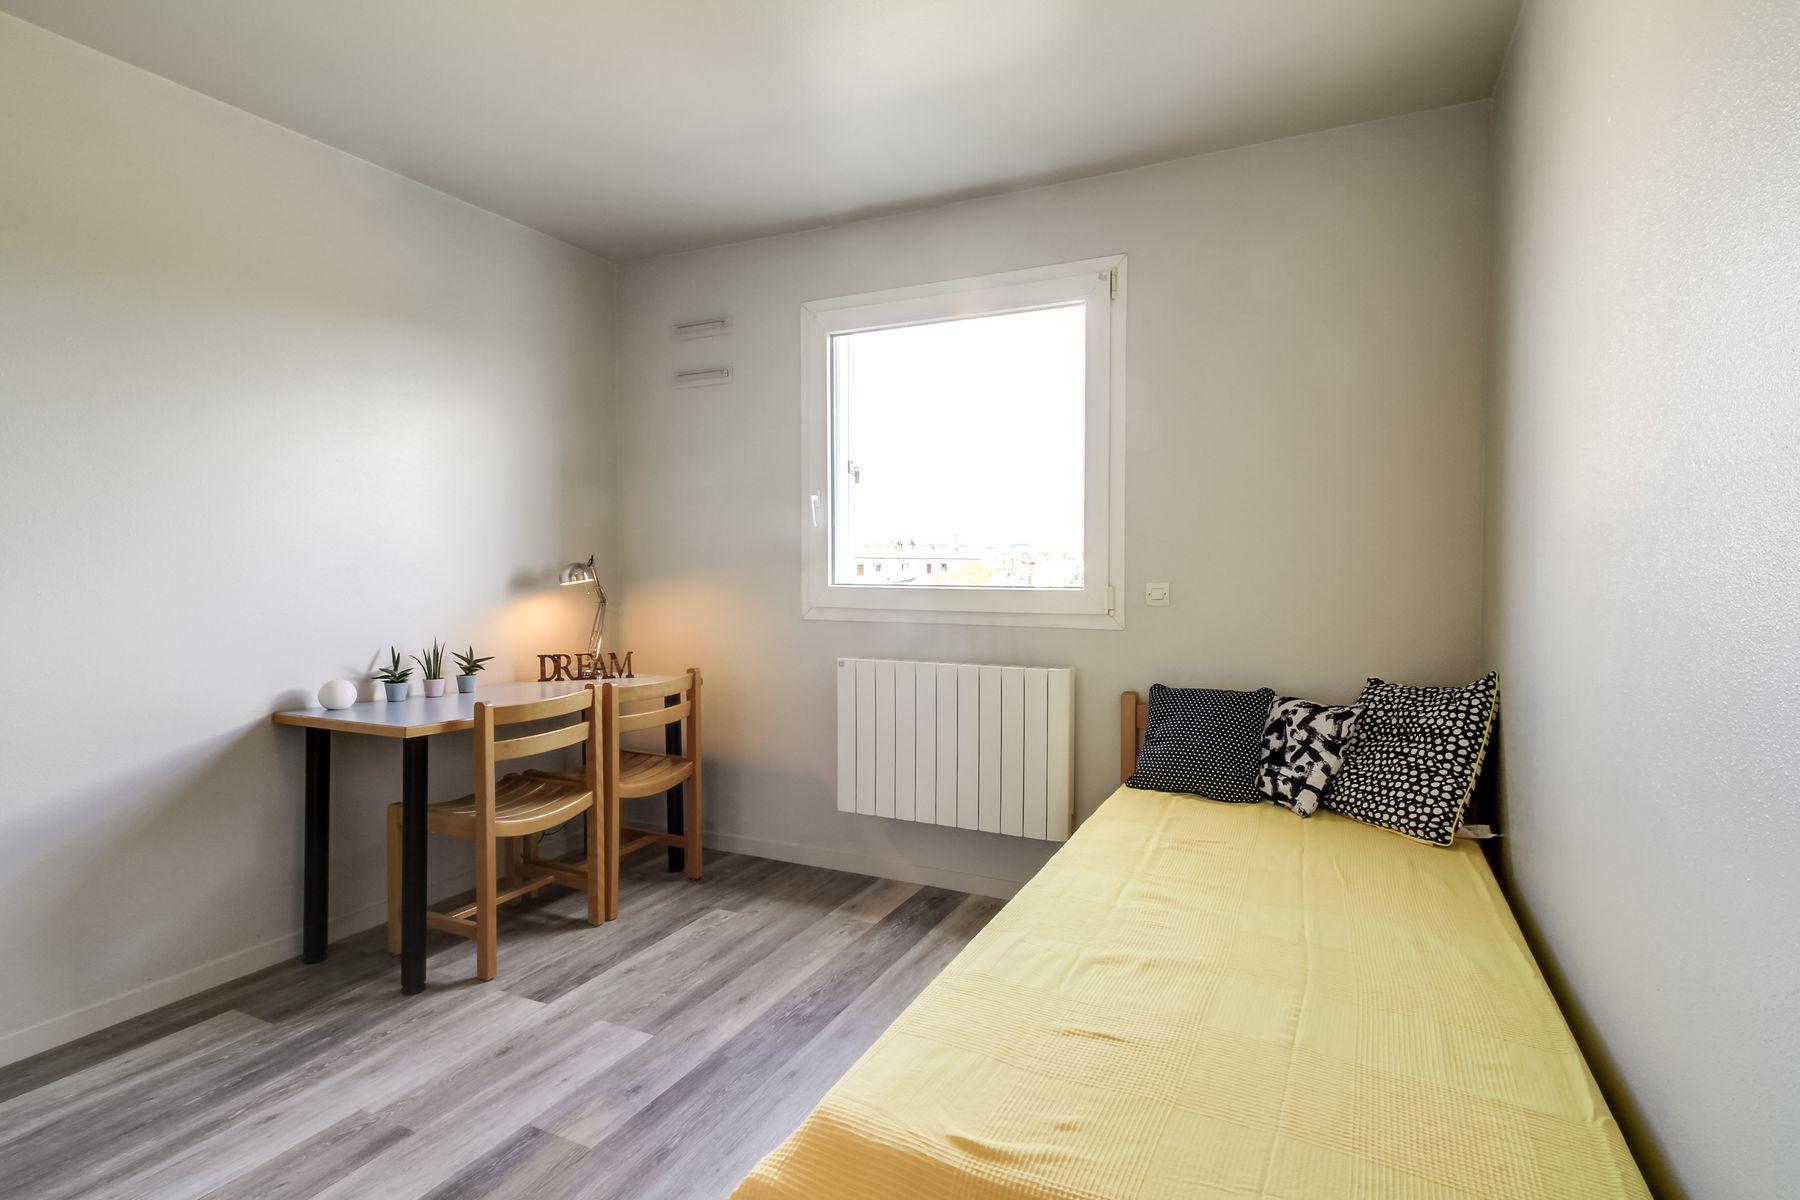 LOGIFAC résidence étudiante Saint-Exupéry Dijon lit et bureau double